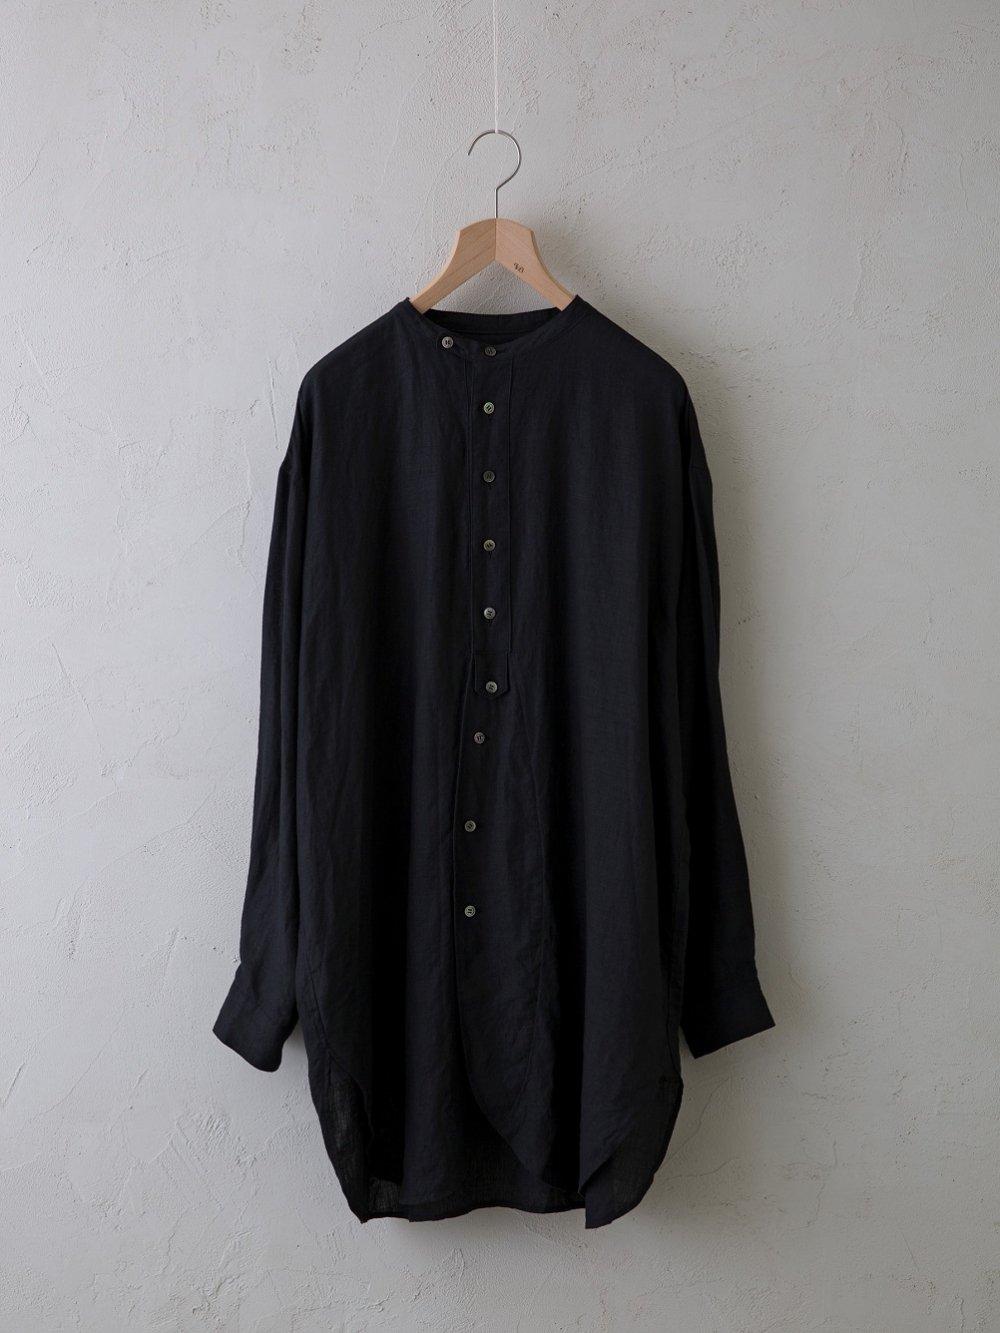 平織リネン チュニックシャツ (Unisex)